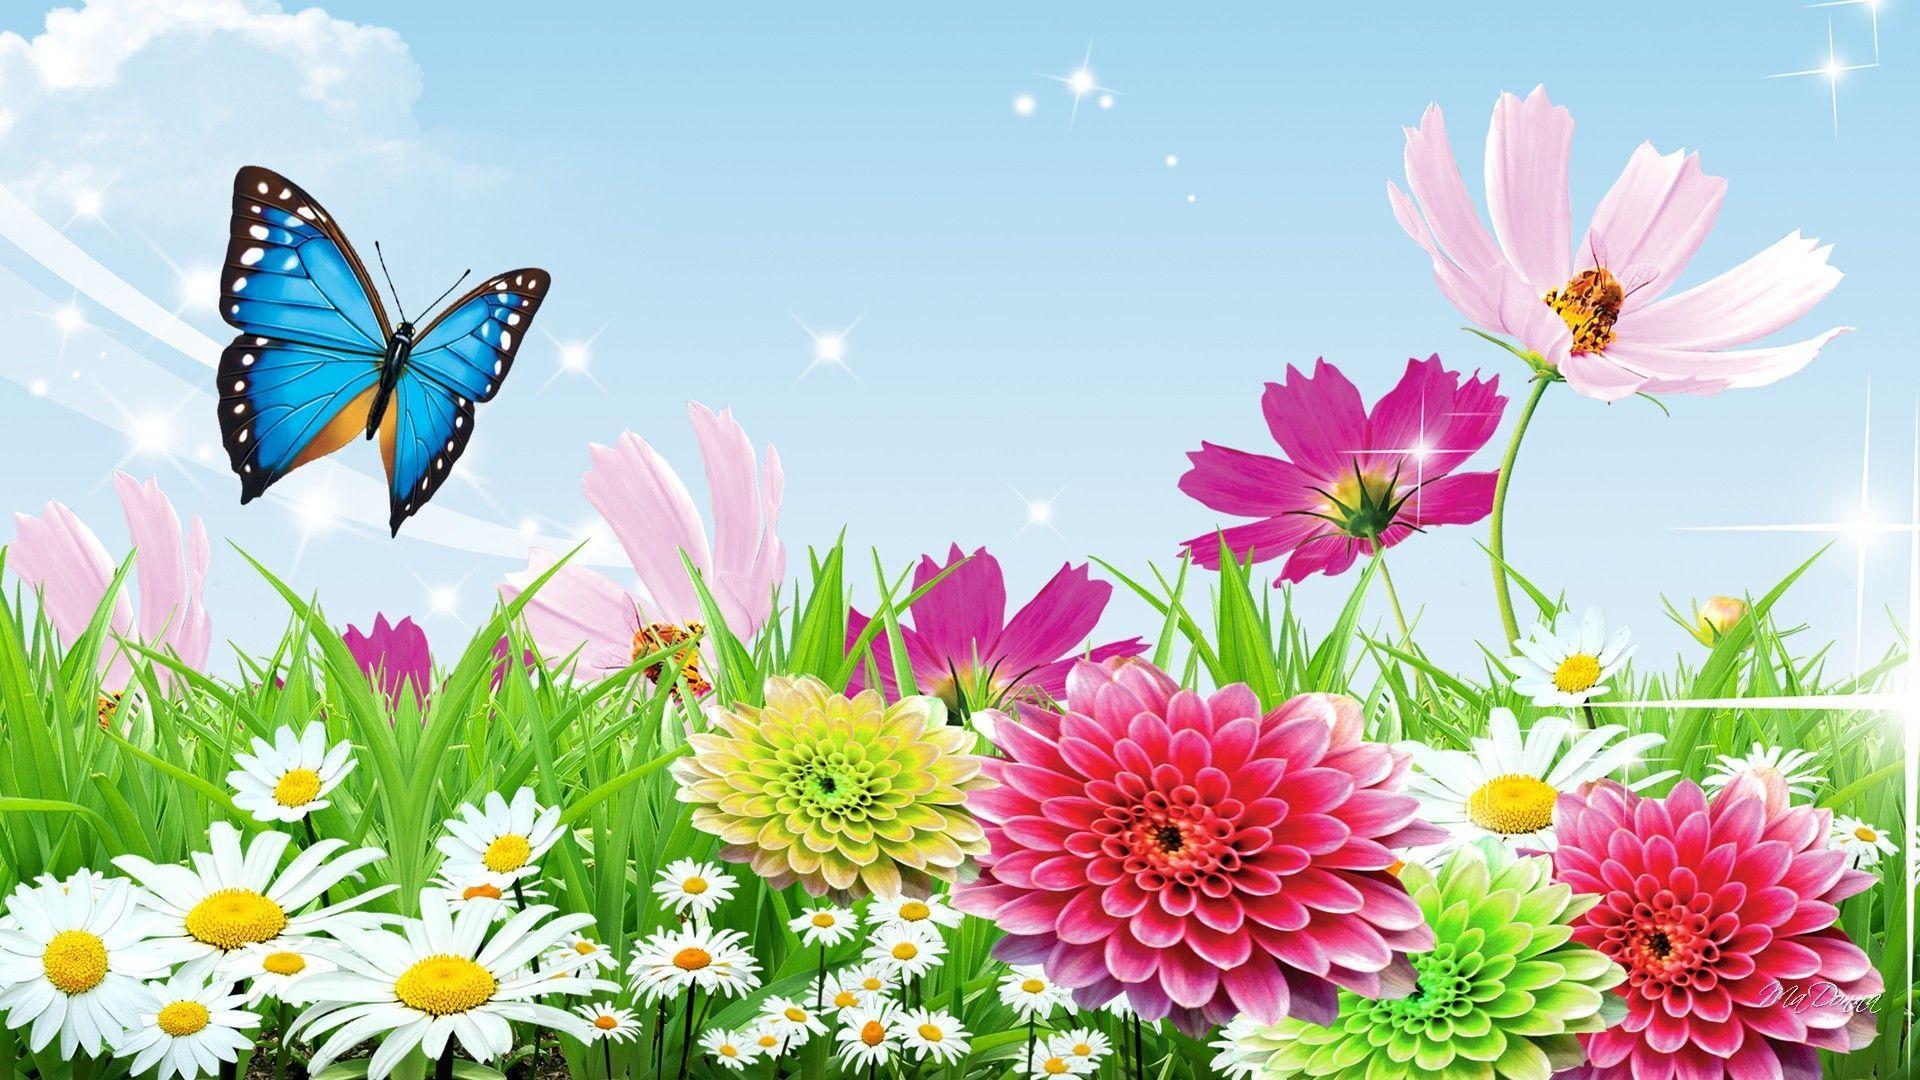 1920x1080 Hình nền bướm mùa xuân Hình nền màn hình rộng ngoài trời 1080p